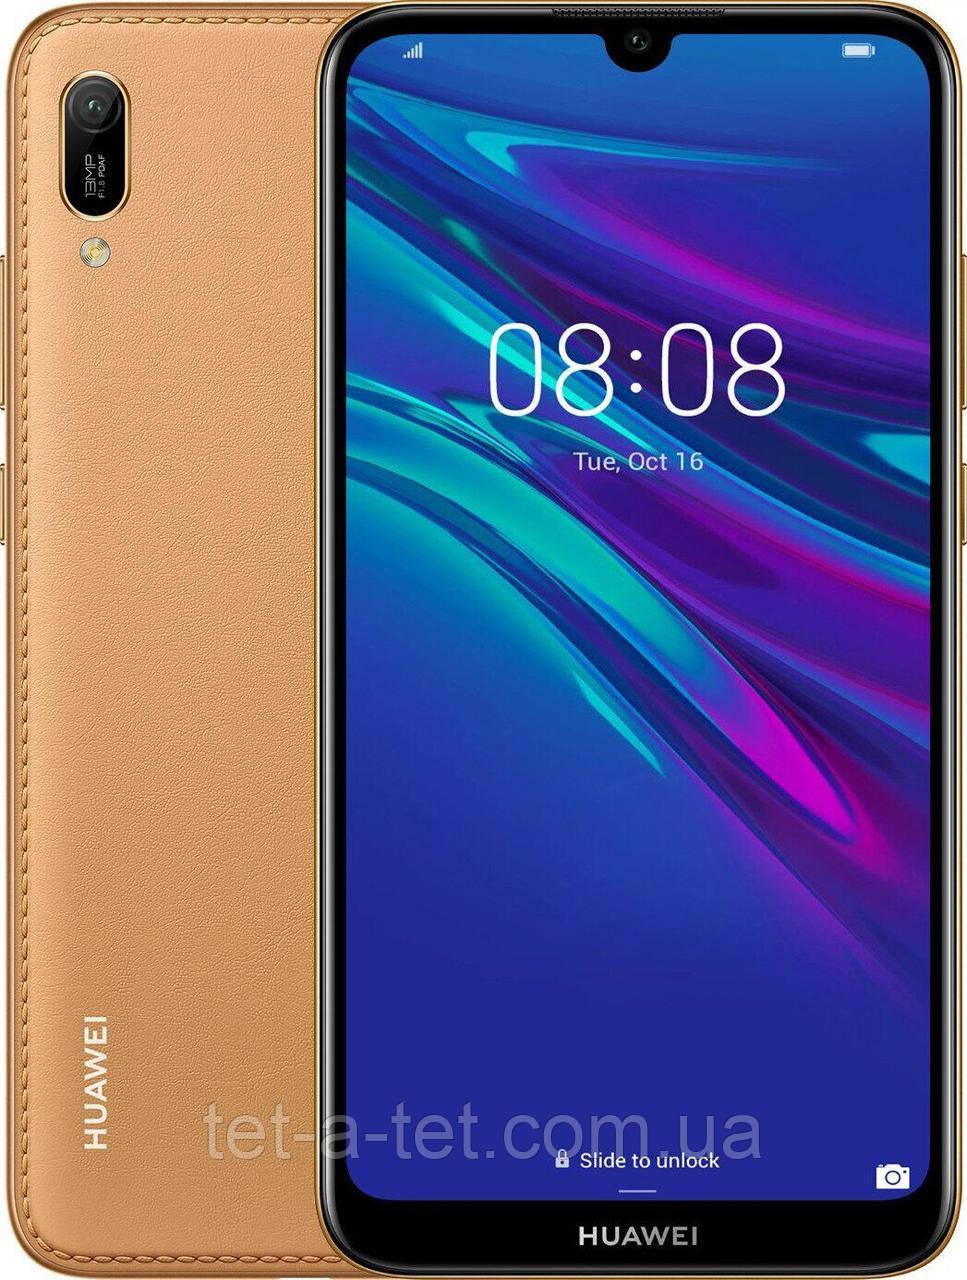 Huawei Y6 2019 2/32GB Amber Brown